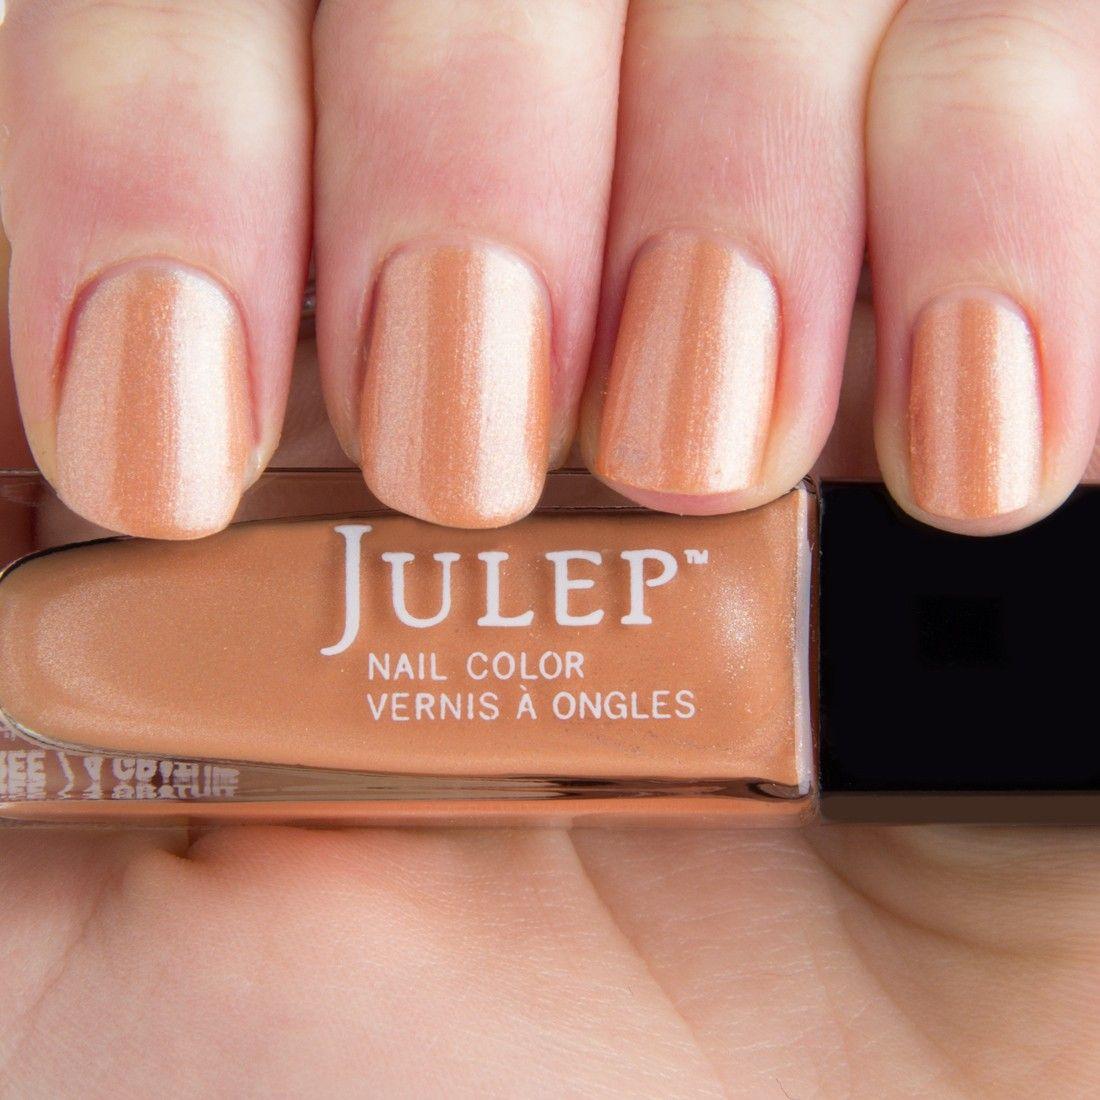 AT Julep Karen BNIB - $5 shipped | Sold | Pinterest